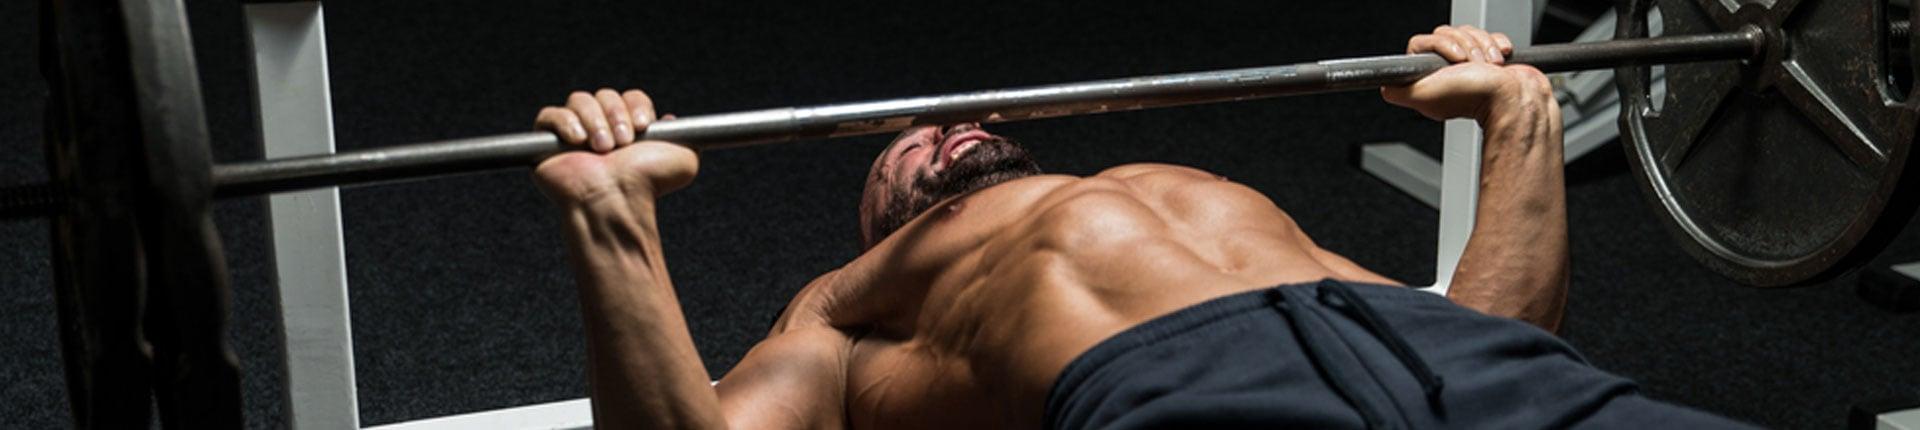 Czy wyciskanie sztangi leżąc to najlepsze  ćwiczenie na klatkę piersiową?